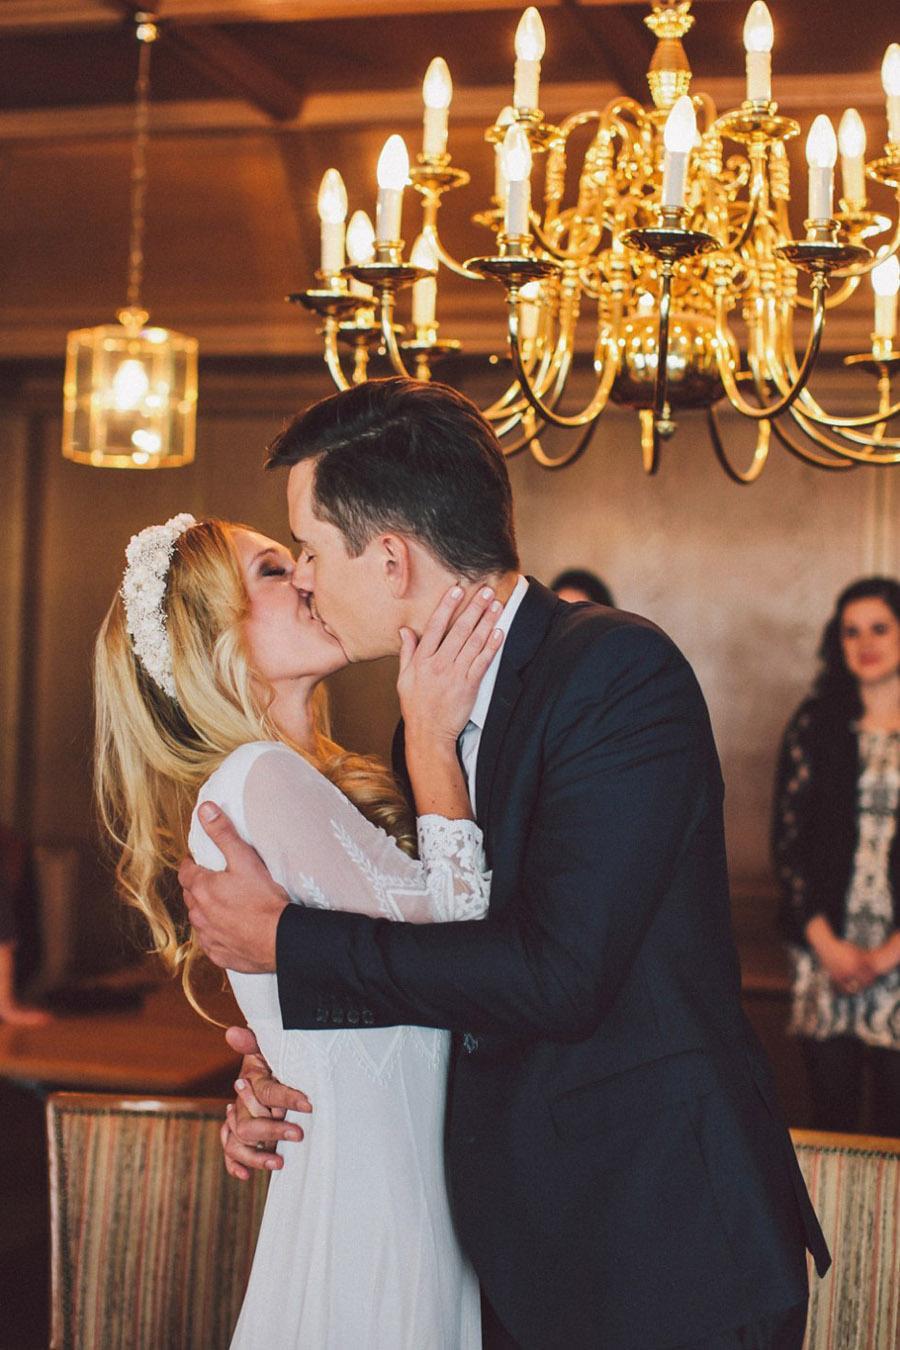 SARAH & IAN: BODA BOHEMIA EN LA NIEVE boda-boho-chic